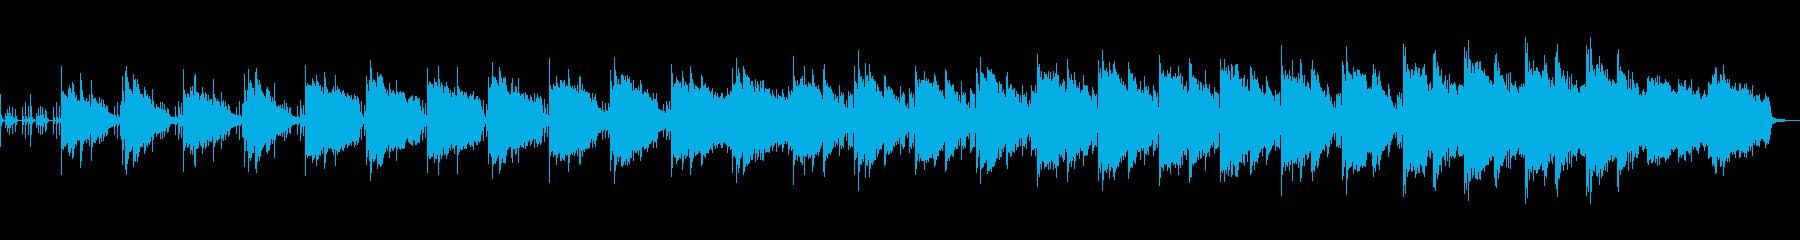 荘厳な静けさを感じる和風な楽曲の再生済みの波形